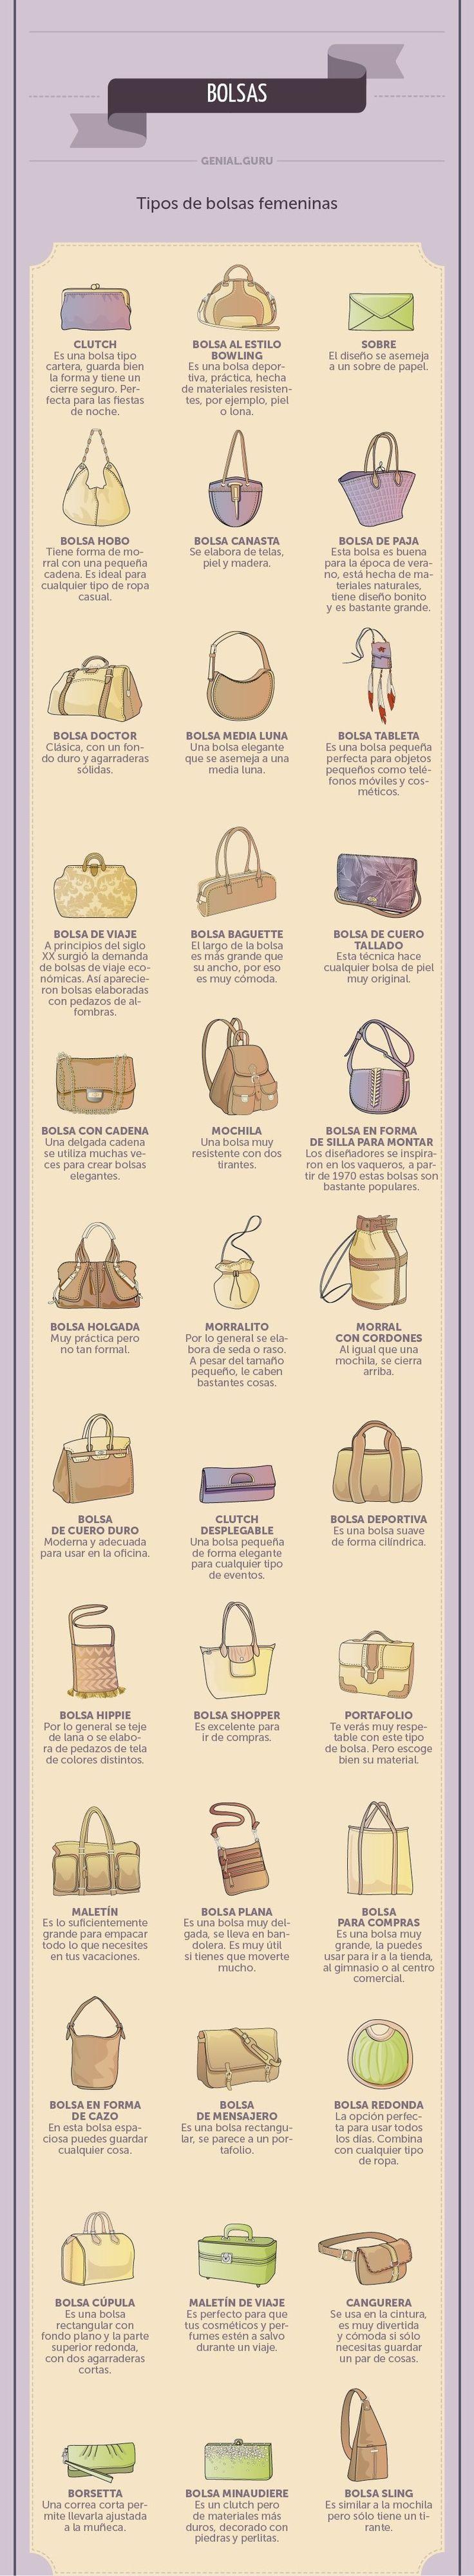 Cada chica debe conocer estas reglas.